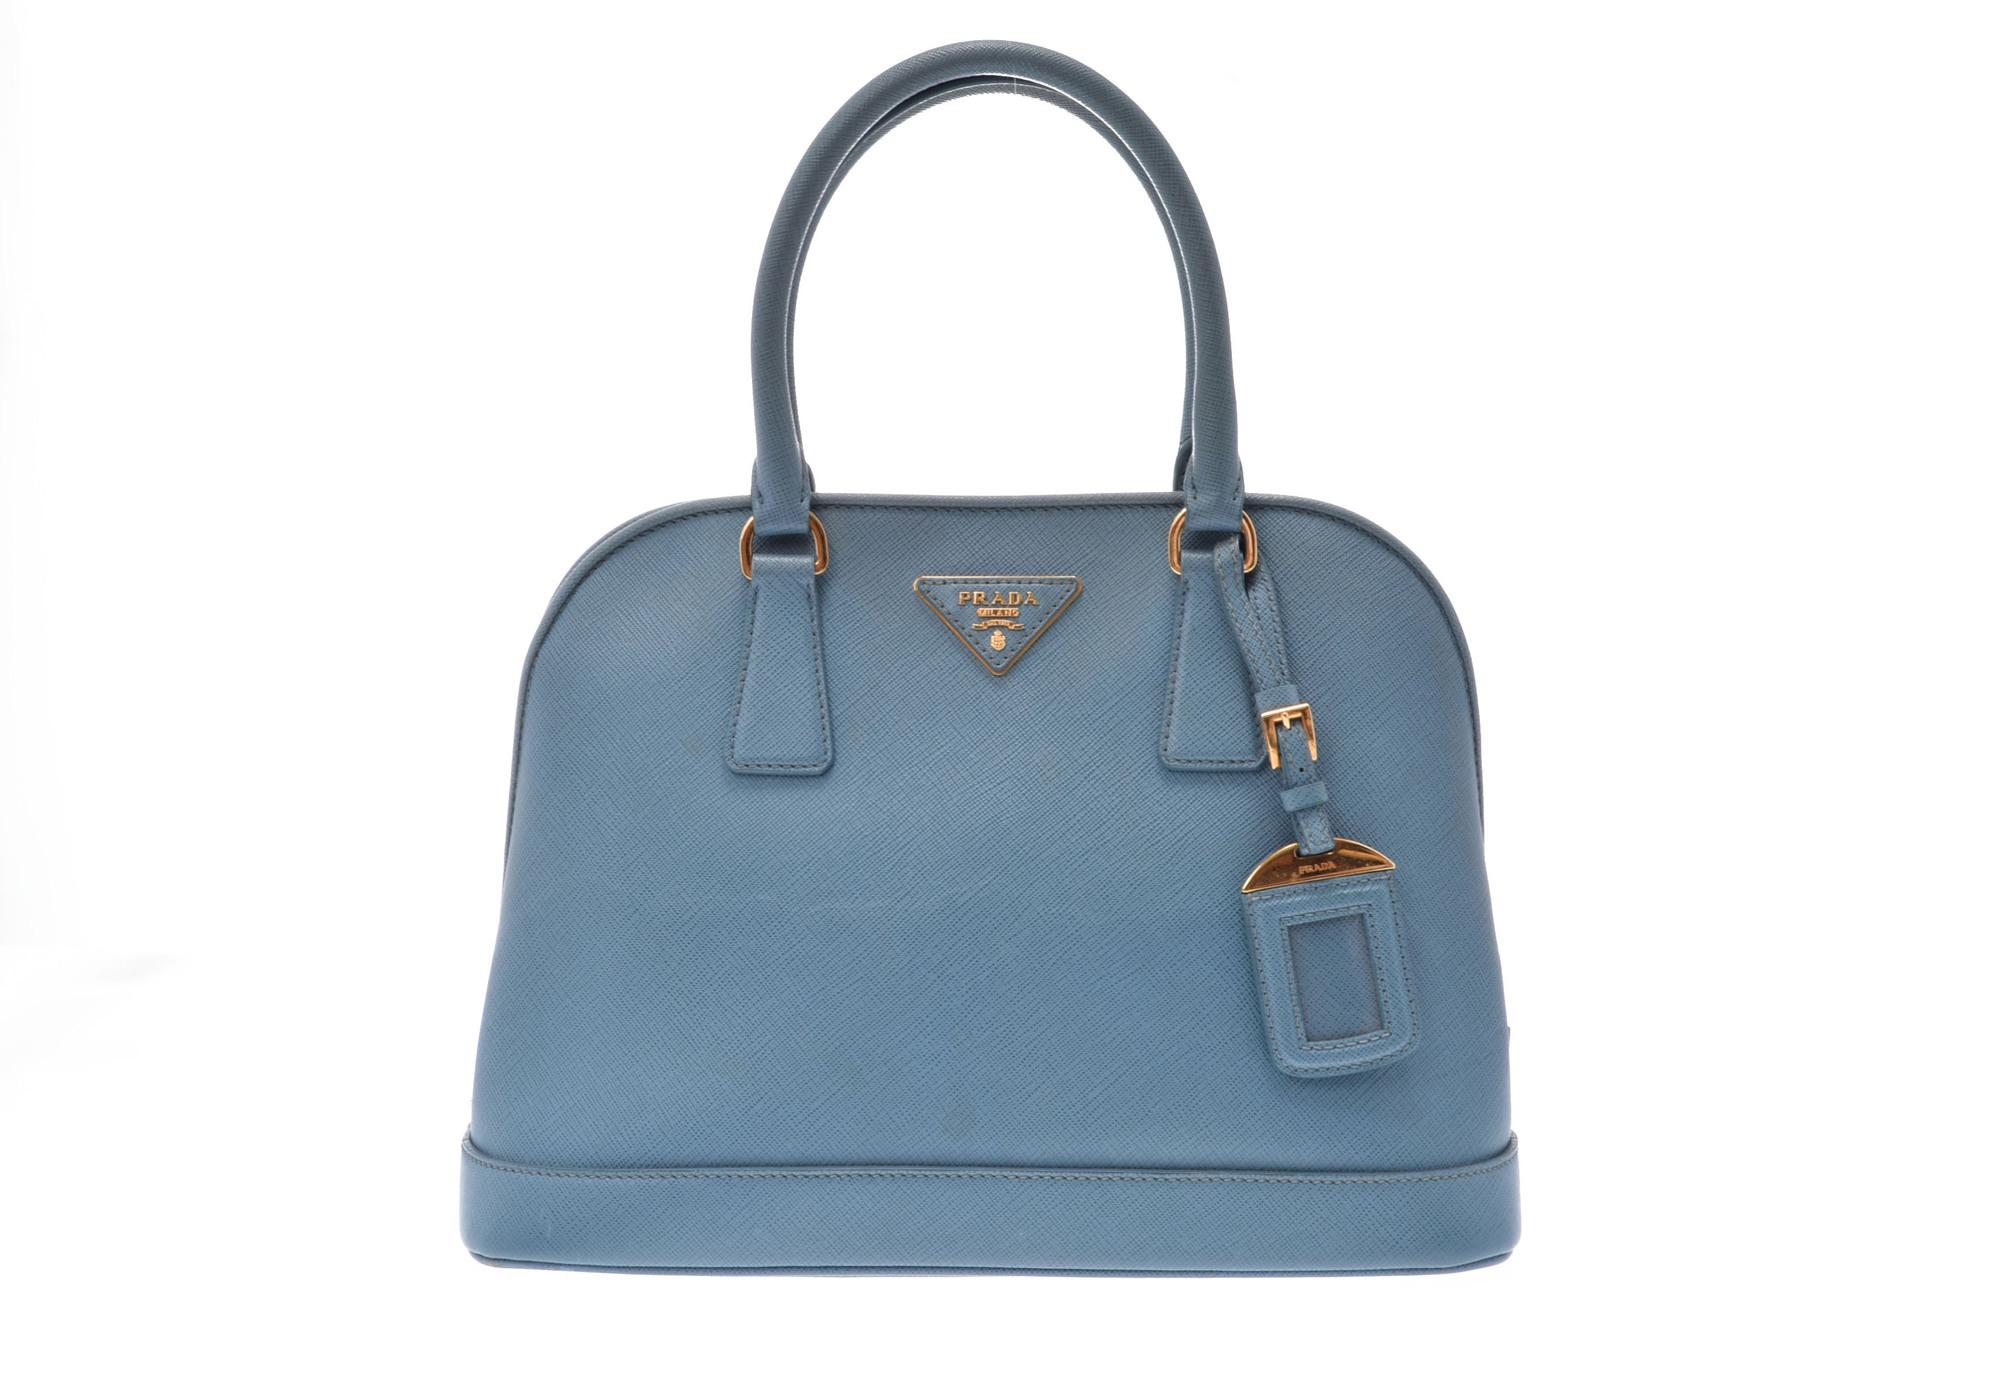 Details About Prada Saffiano 2way Handbag Leather Light Blue 805000921679000